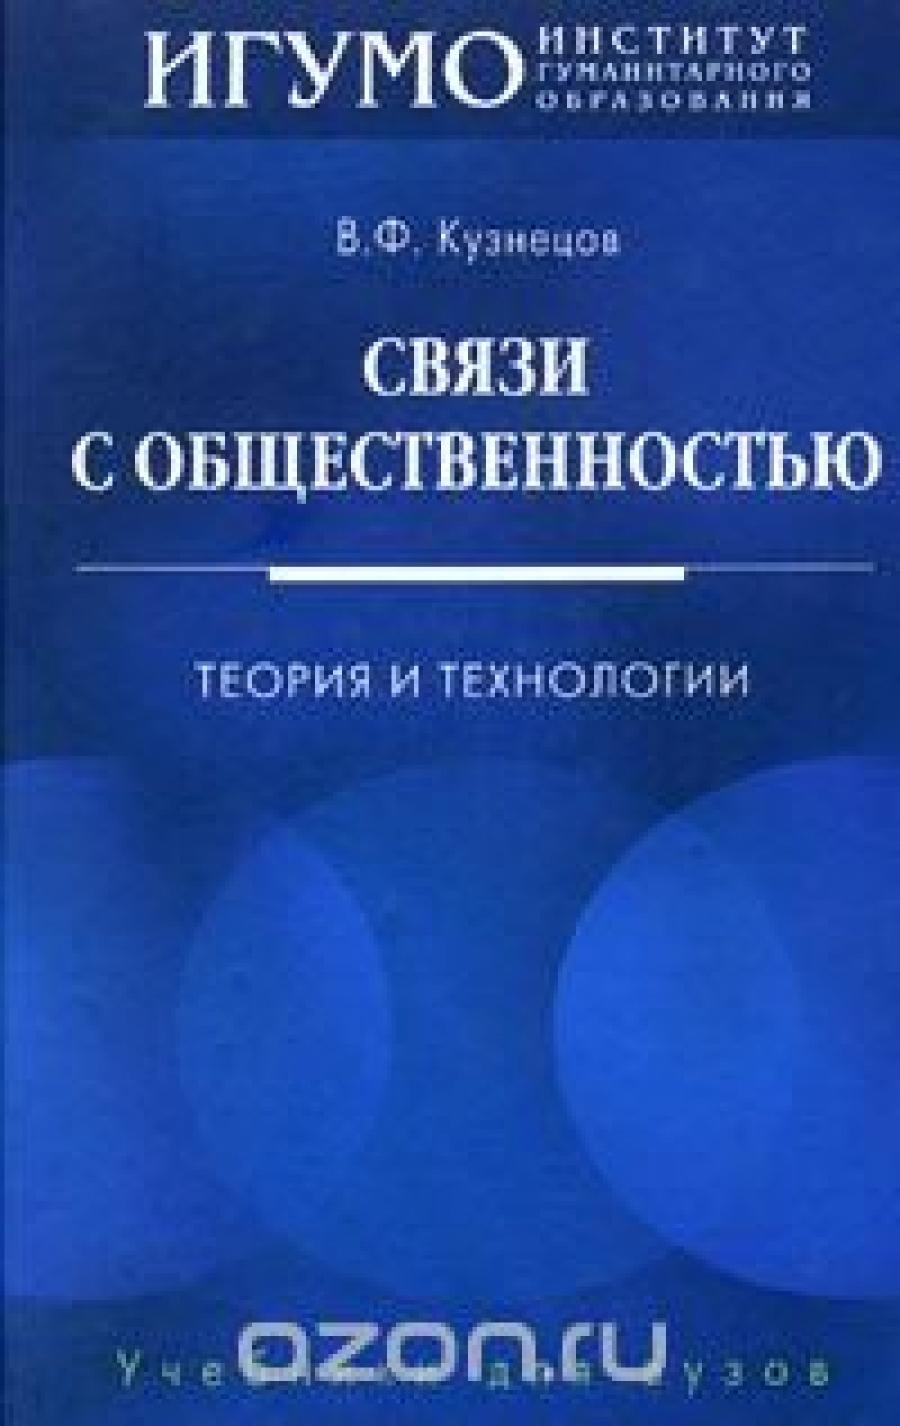 Обложка книги:  кузнецов в.ф. - связи с общественностью.